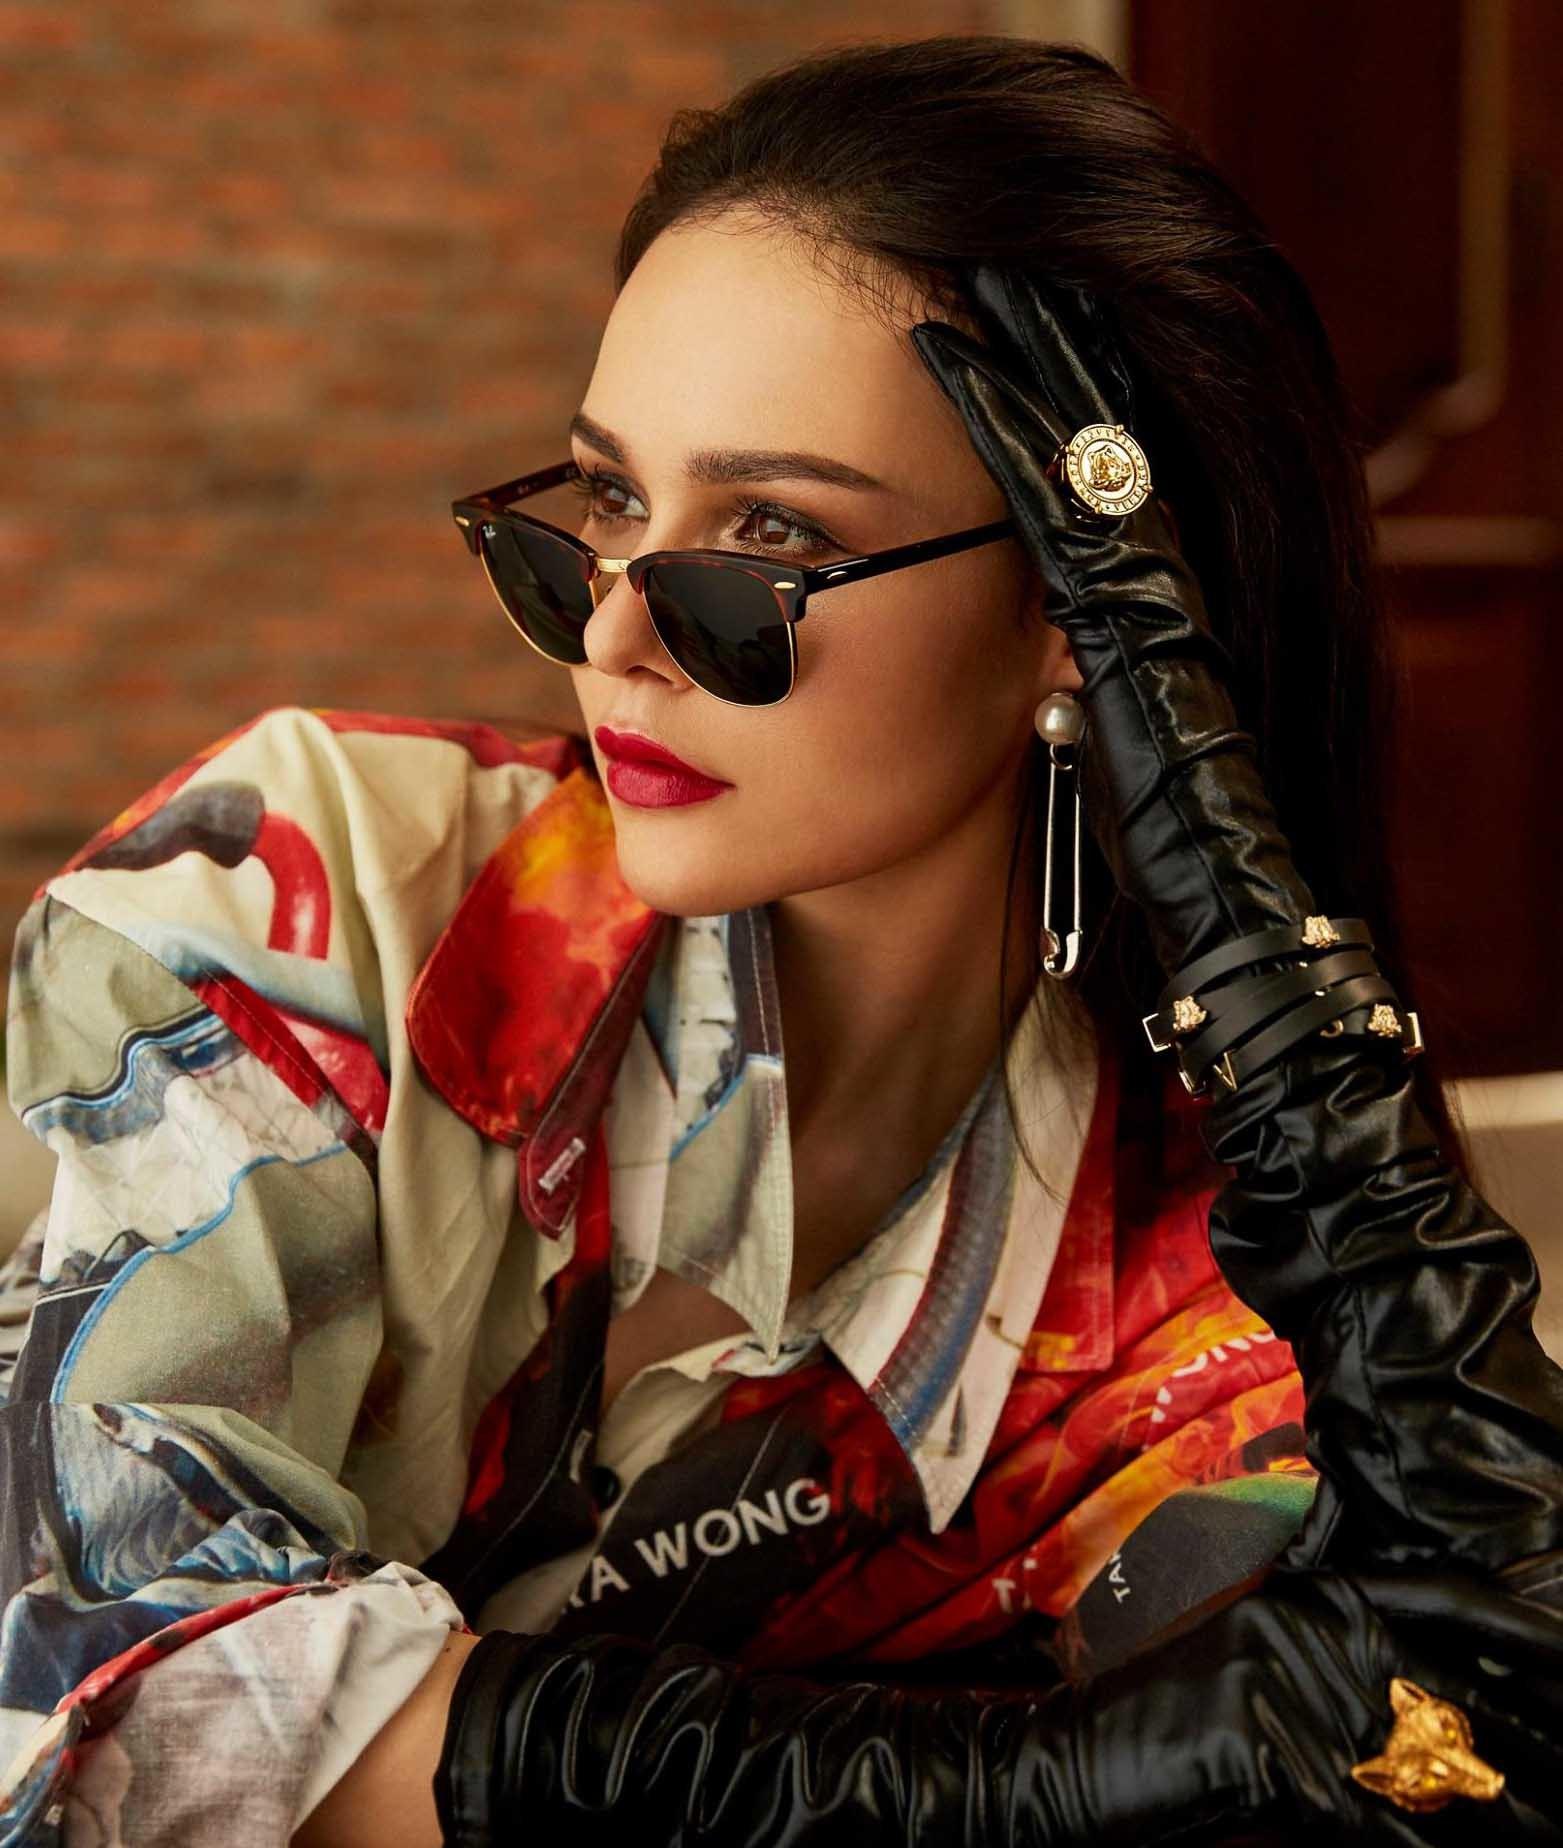 Quán quân Asia's Next Top Model đến Đà Nẵng diễn thời trang